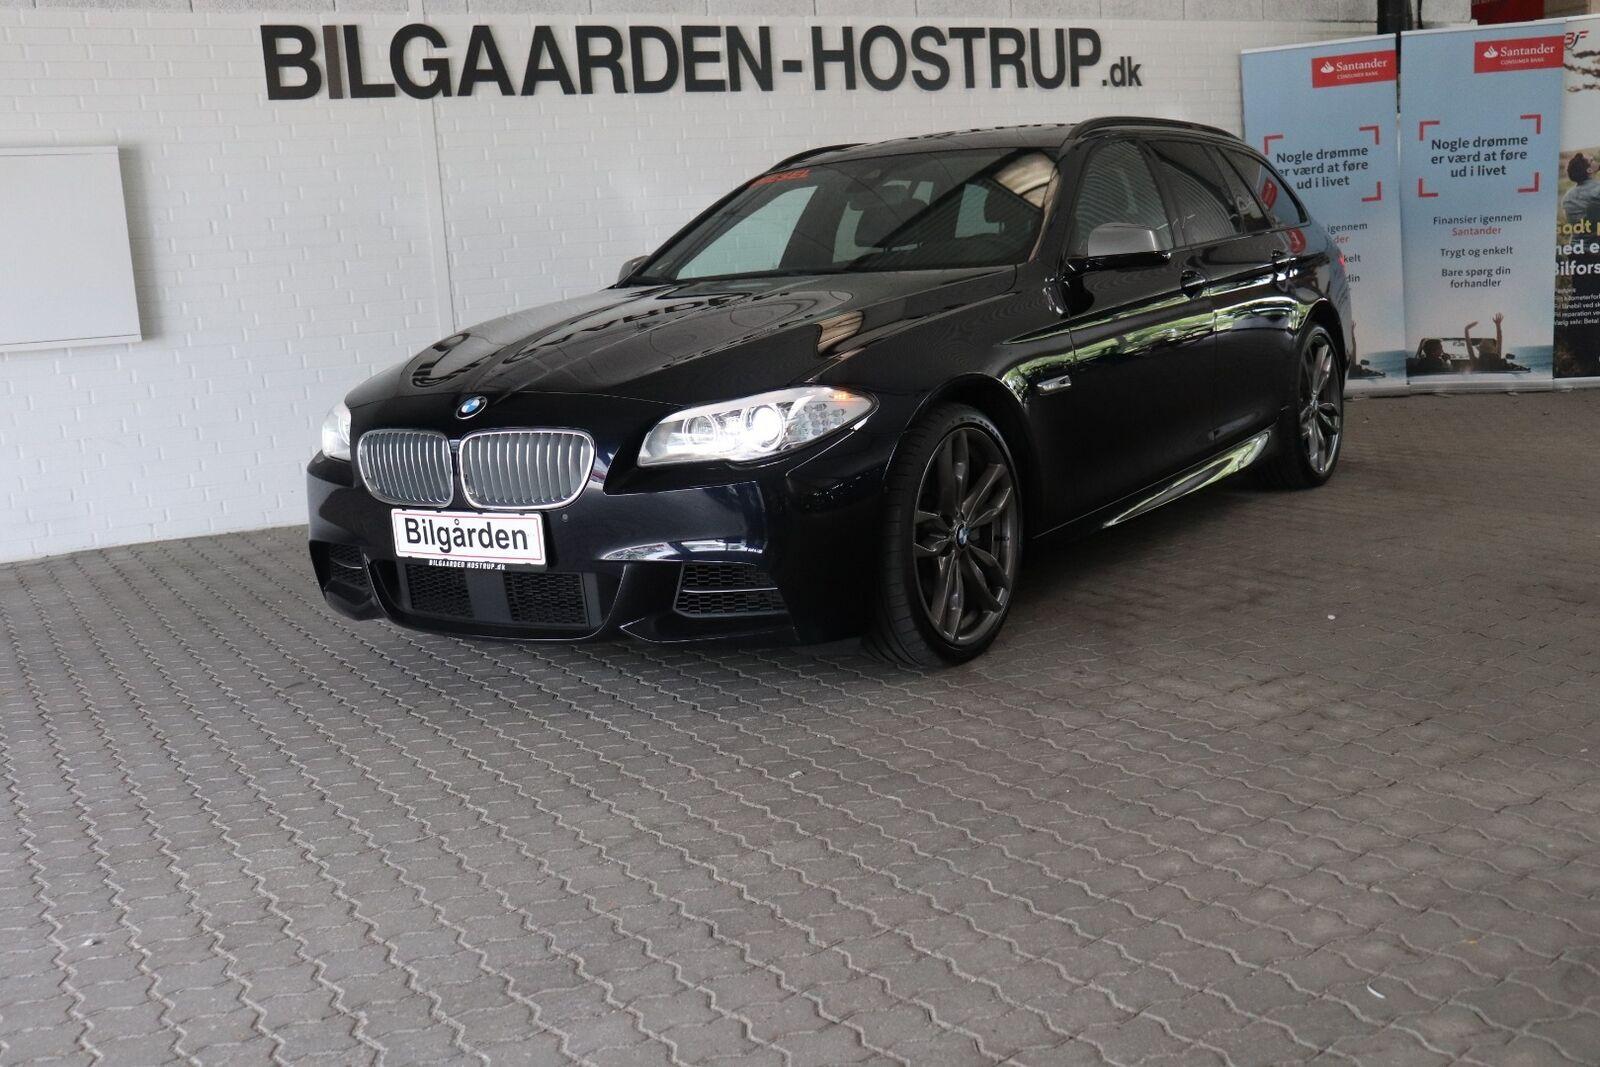 BMW M550d 3,0 Touring xDrive aut. 5d - 529.900 kr.